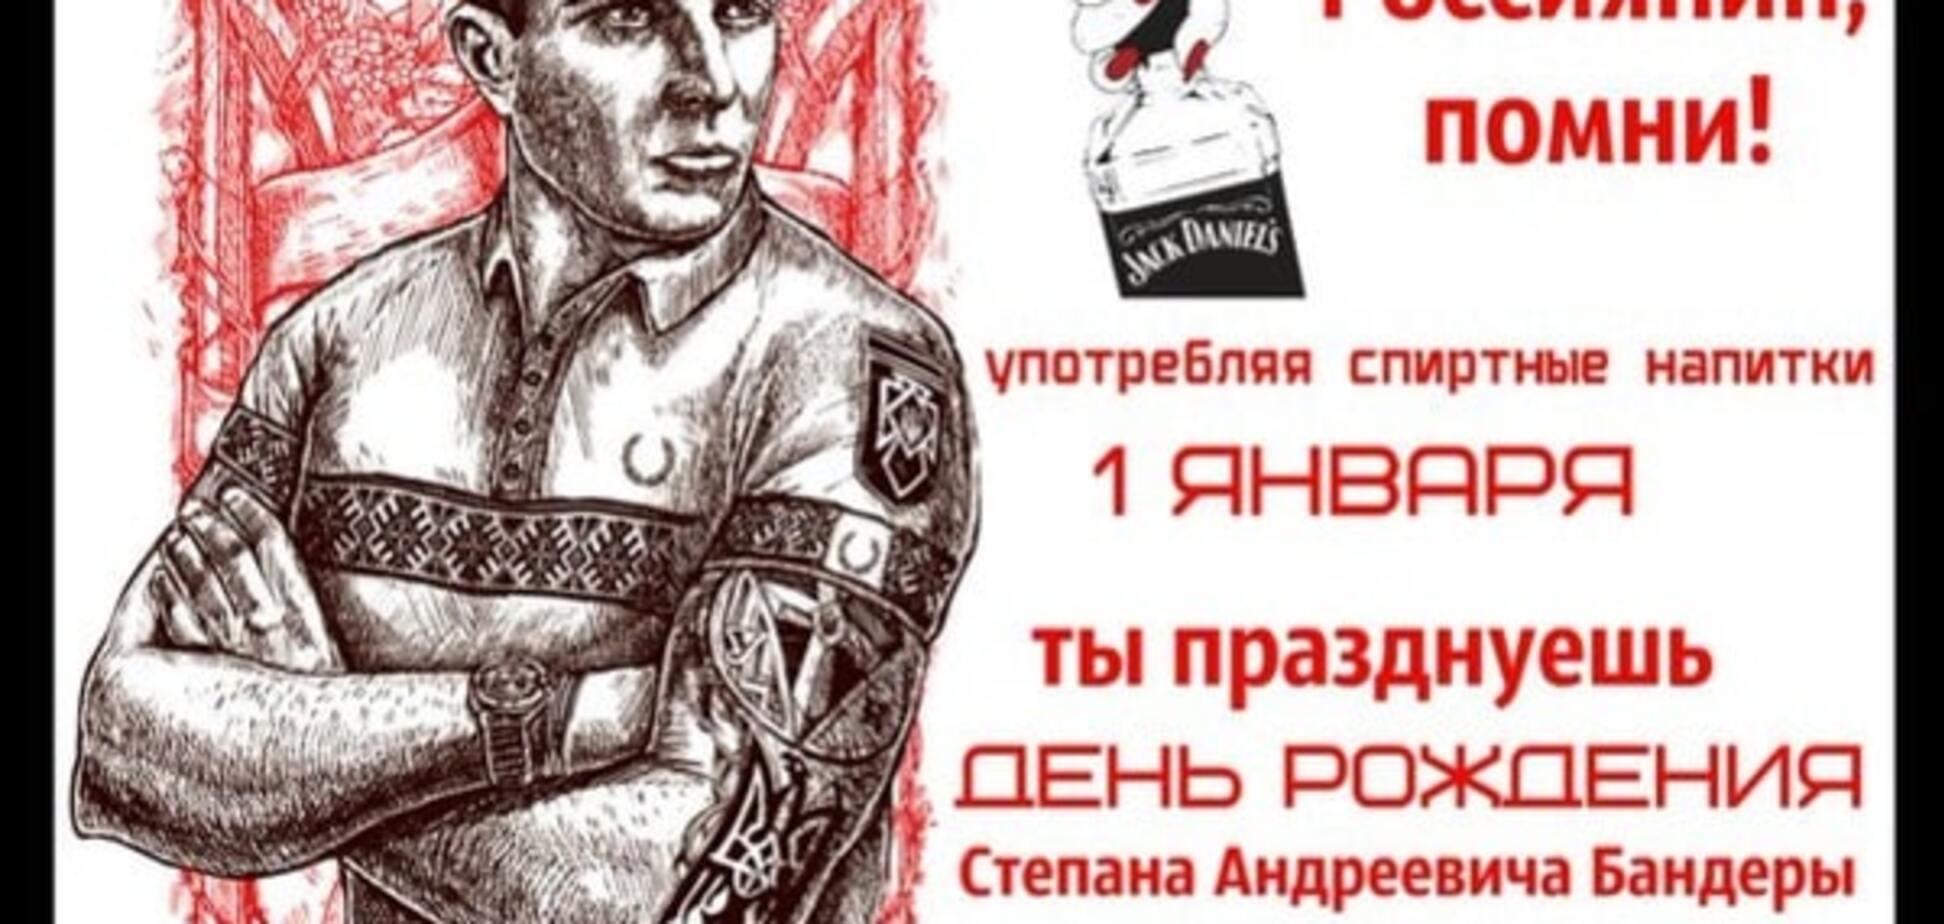 Юмор соцсетей: россиян решили лечить от алкоголизма с помощью Бандеры